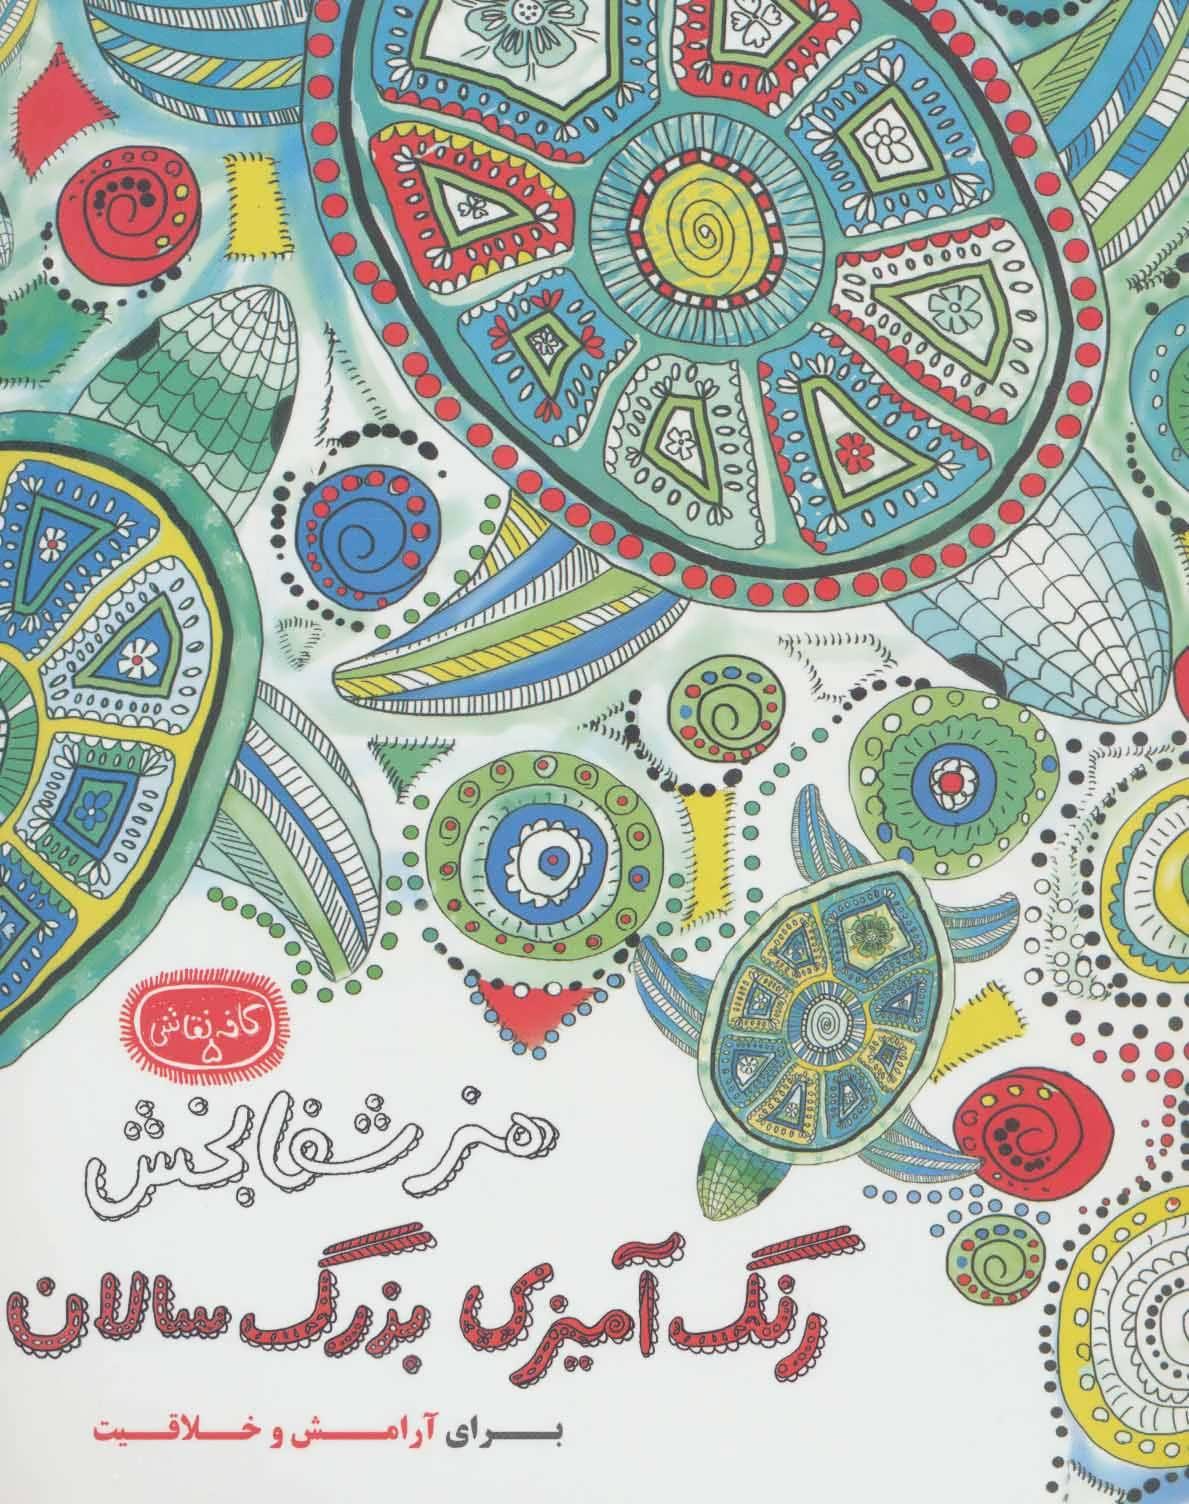 هنر شفابخش:رنگ آمیزی بزرگ سالان (کافه نقاشی 5)